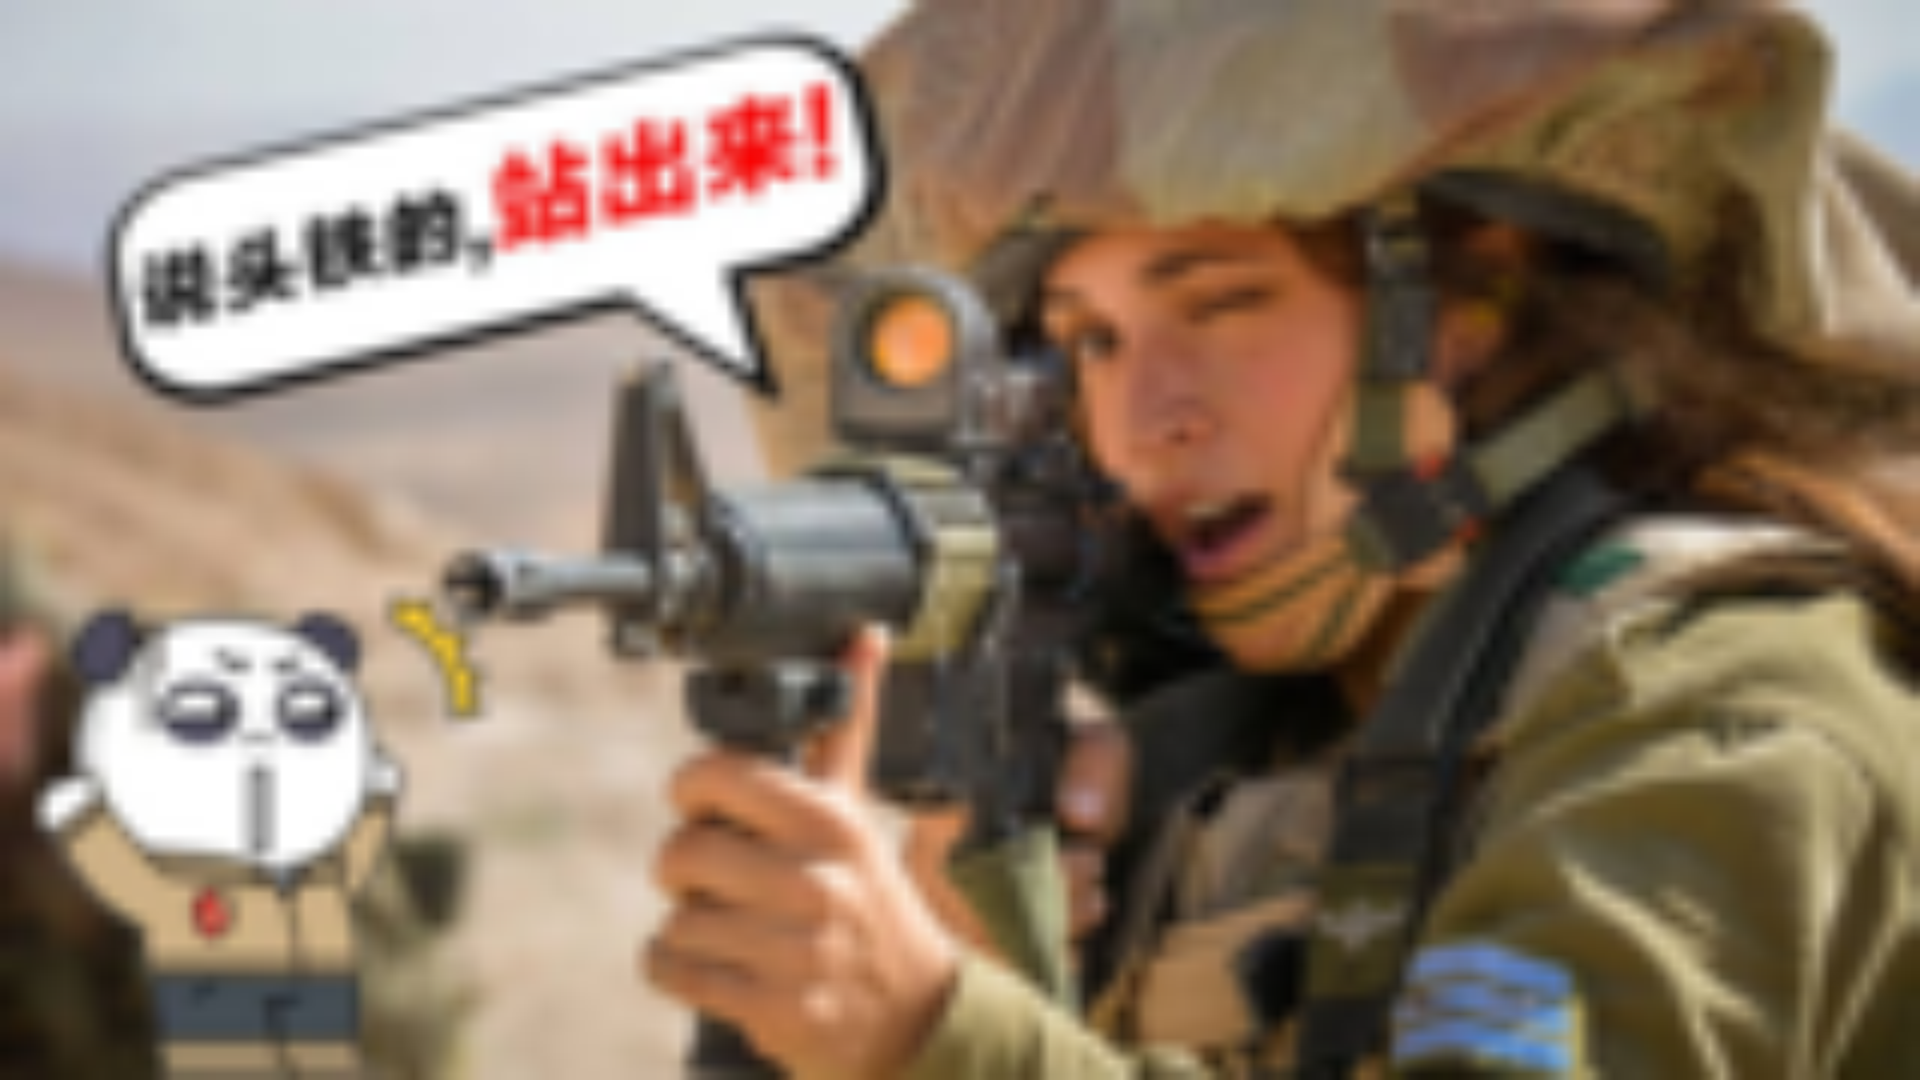 【点兵1093期】军用头盔的未来,擦汗防弹两不误!